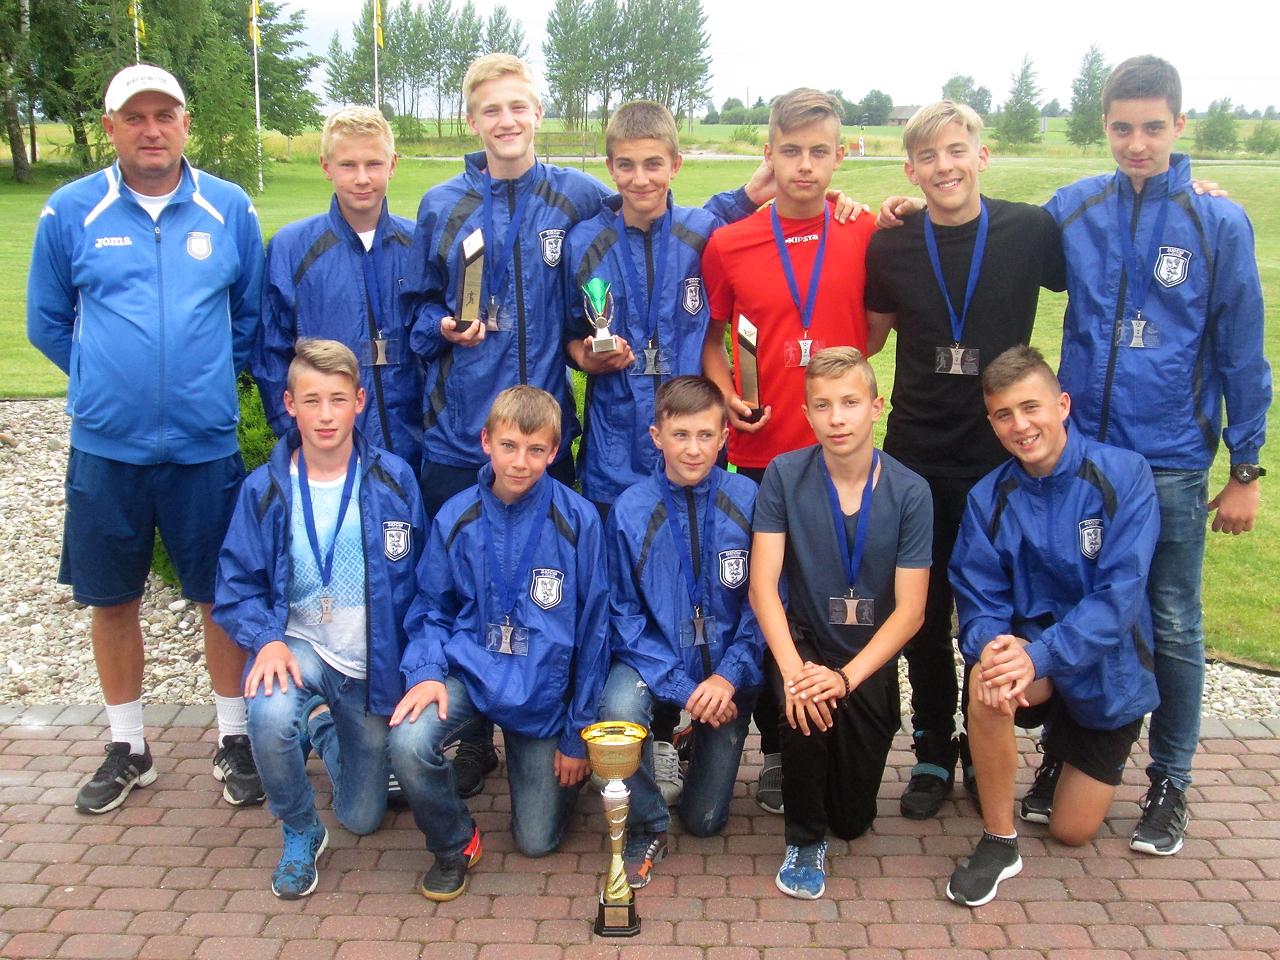 Уманчани стали призерами на міжнародному турнірі з футболу в Литві